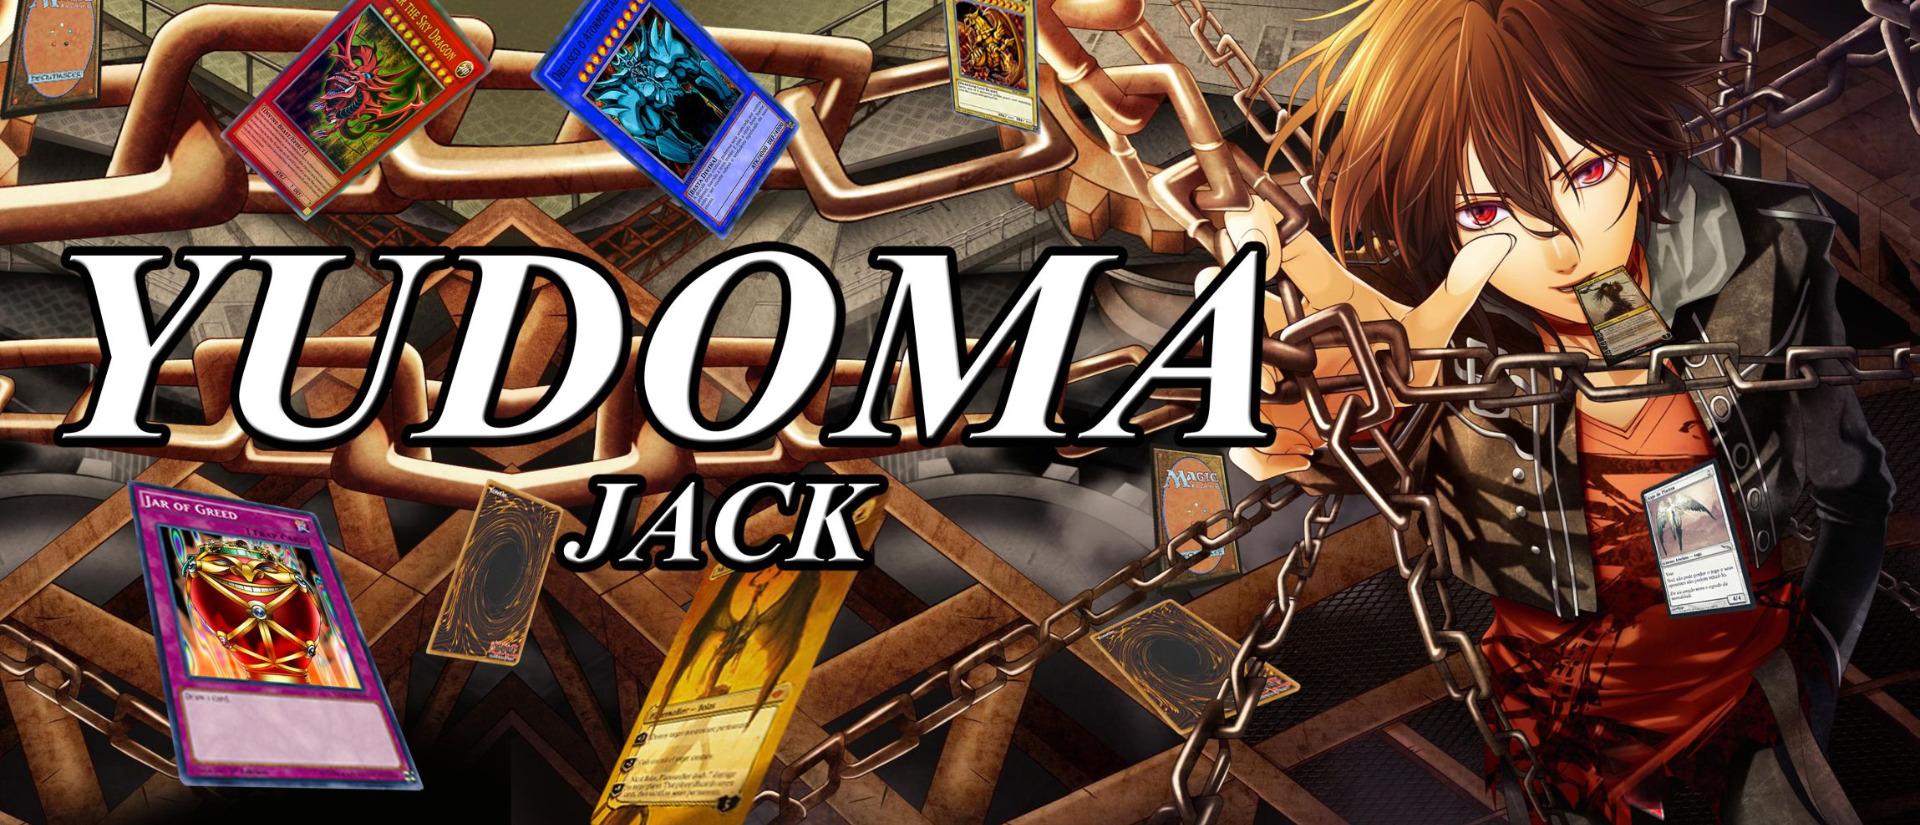 Yudoma_Jack